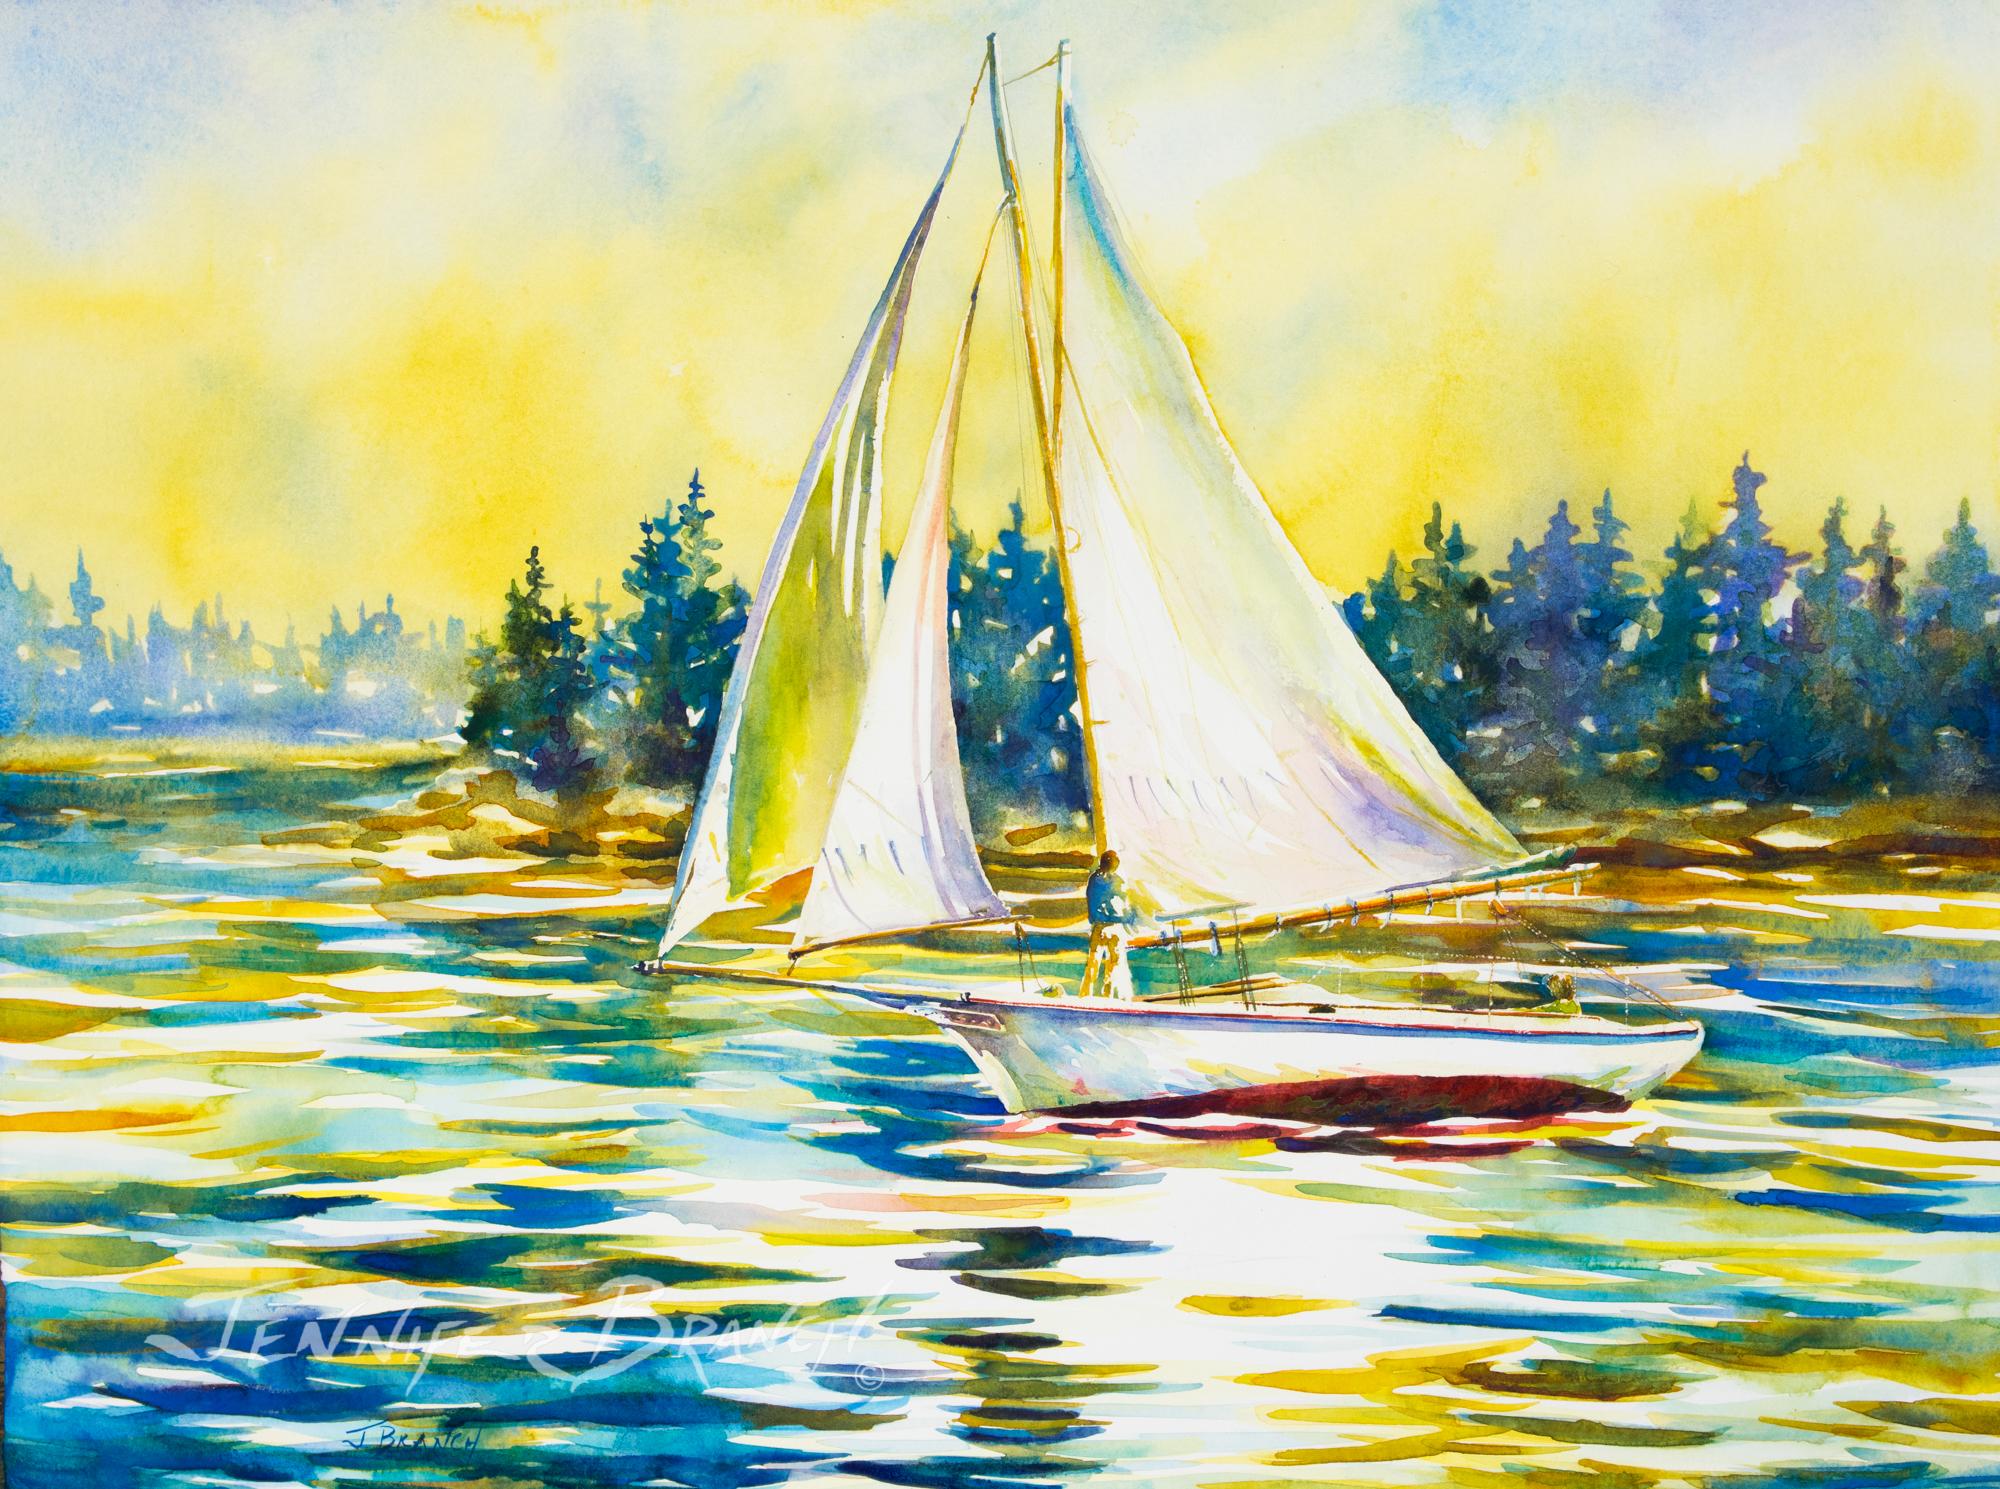 Frienship sloop watercolor painting